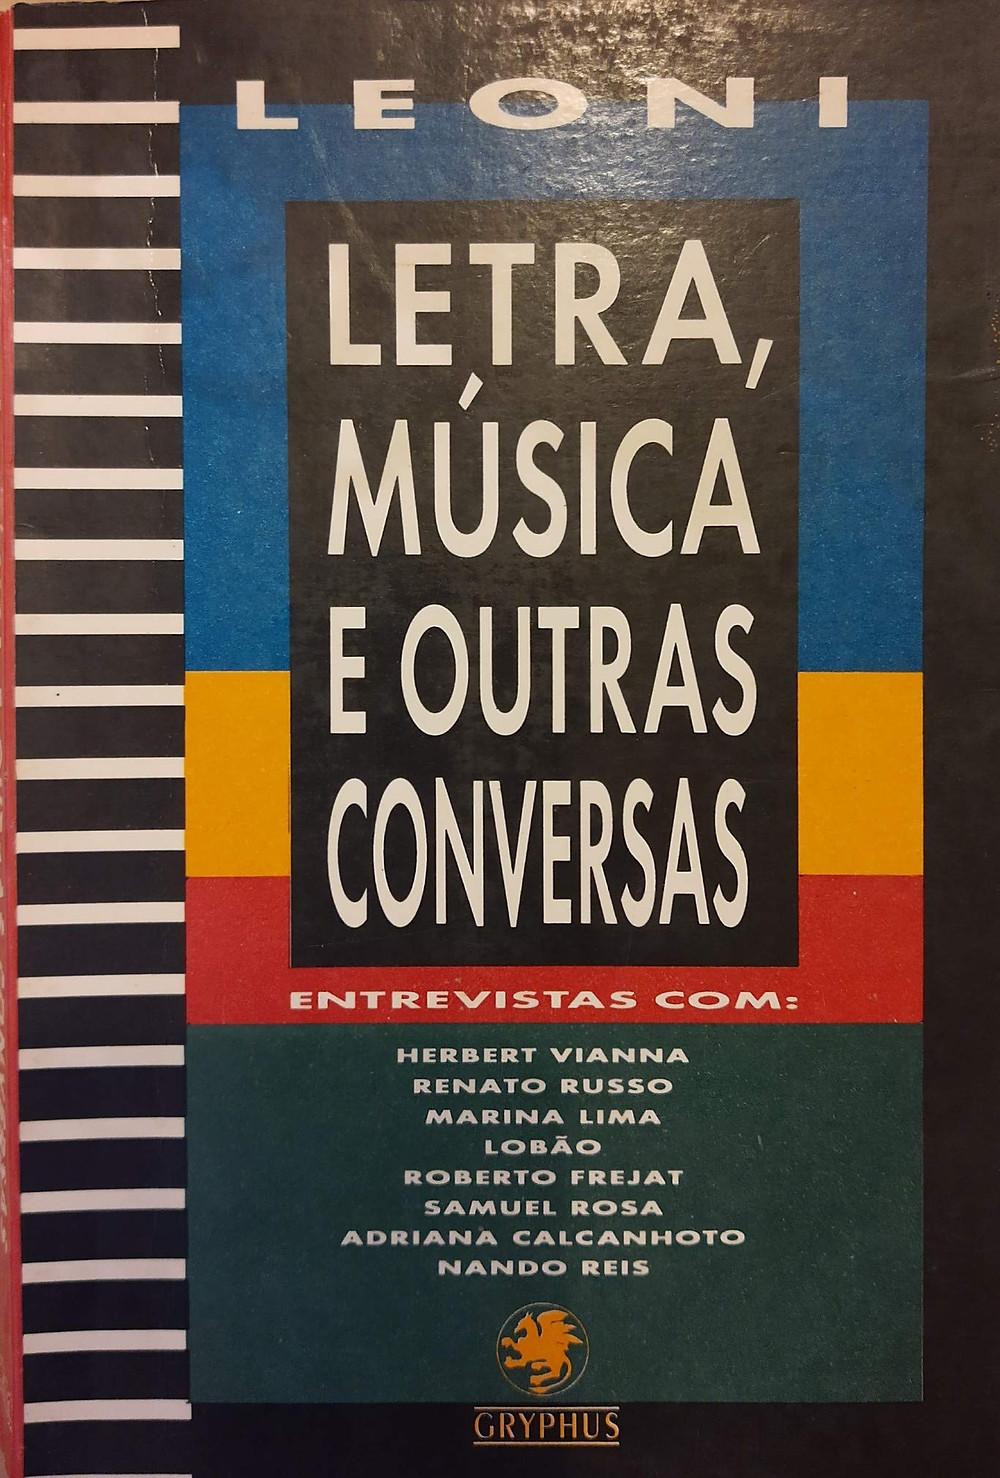 Livro Letra, Música e Outras Conversas, de Leoni.